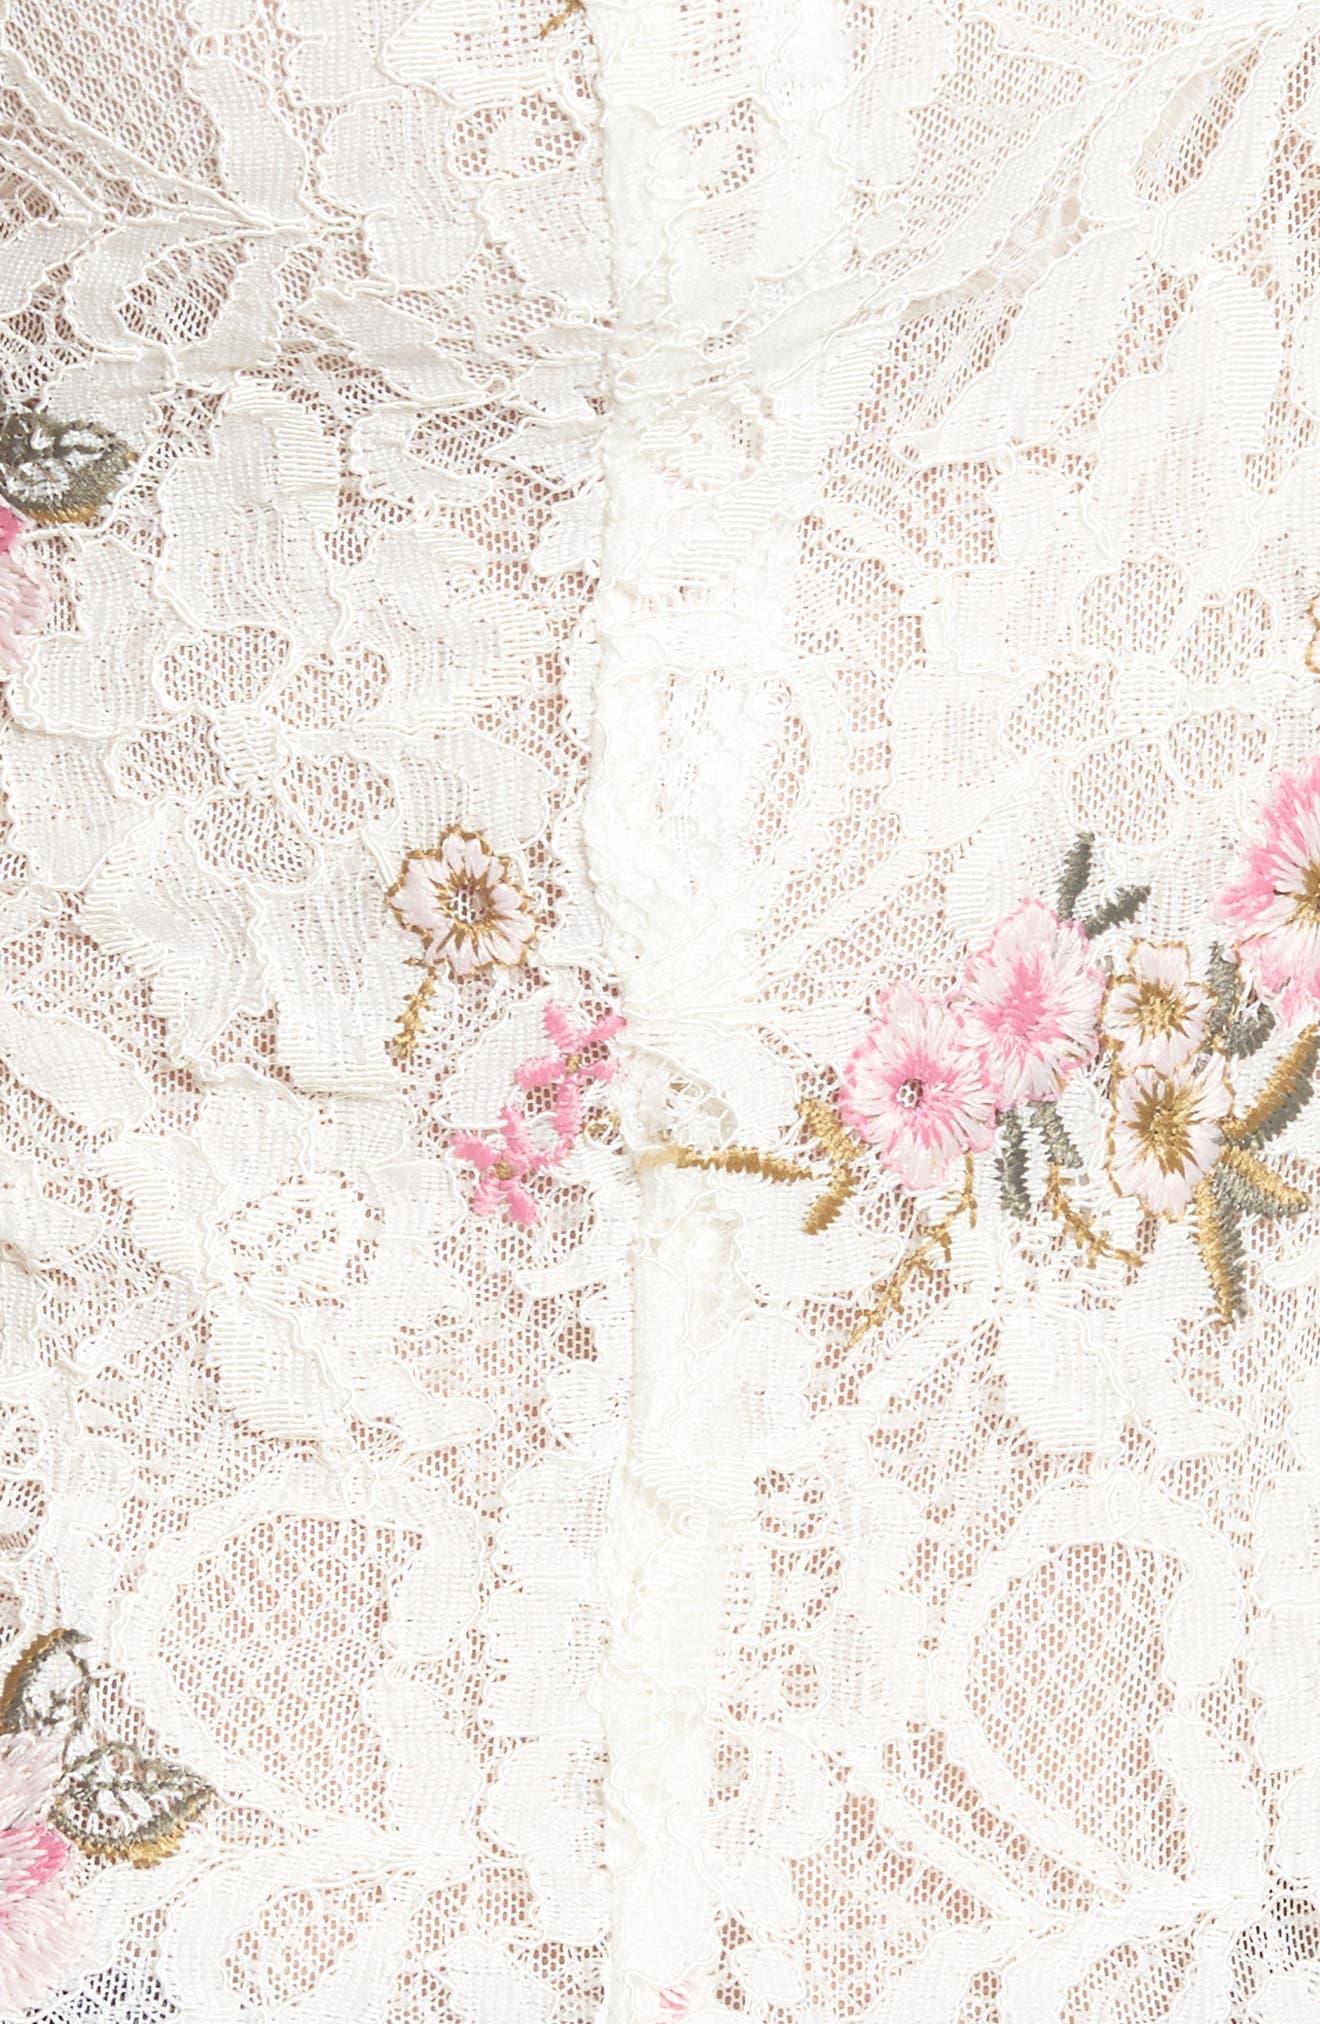 Acerra Lace-Up Lace Top,                             Alternate thumbnail 6, color,                             900